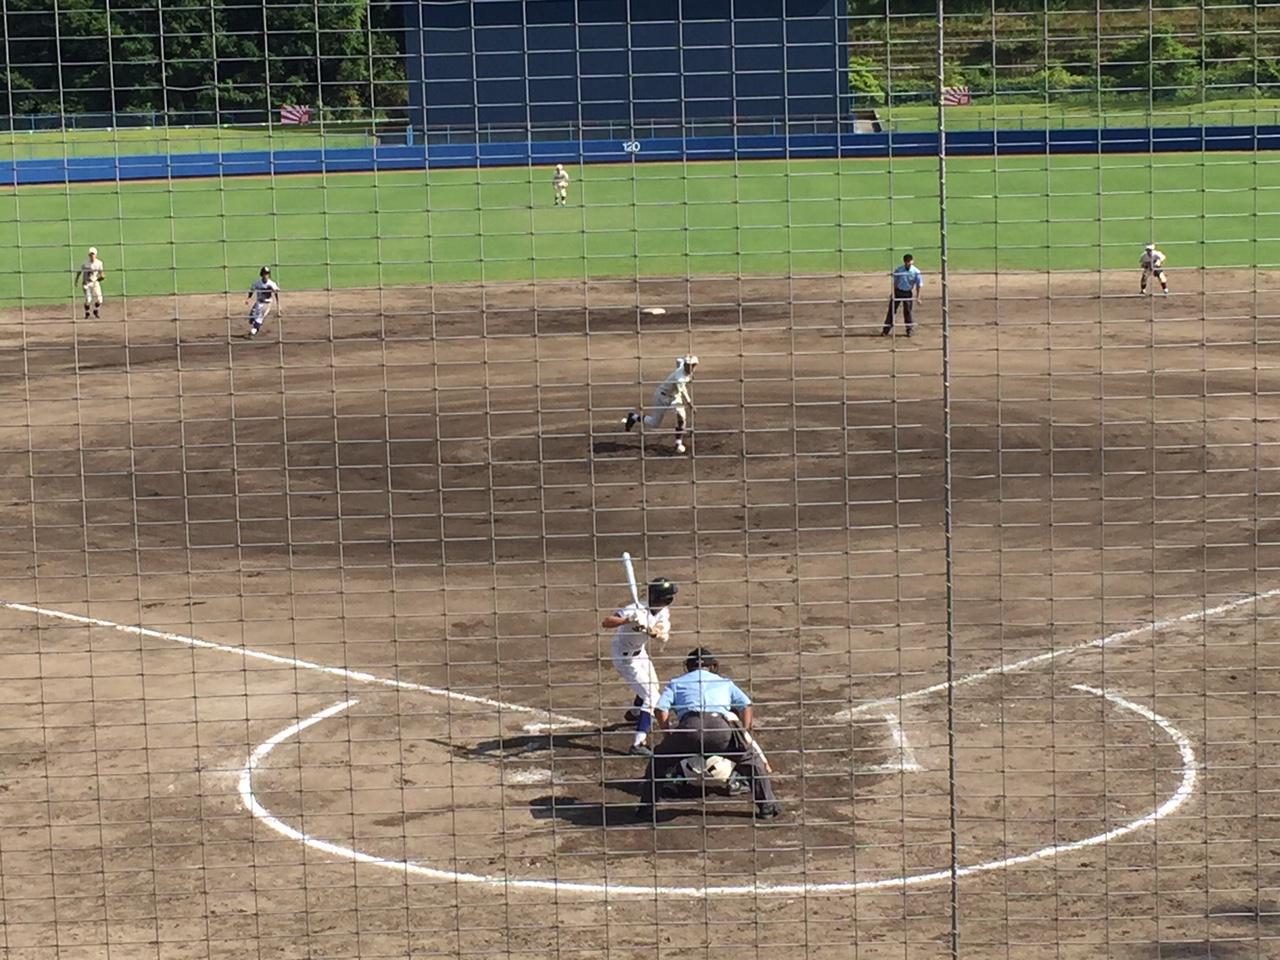 「やまみ三原市民球場」で広島県高校野球選手権を観戦しました!